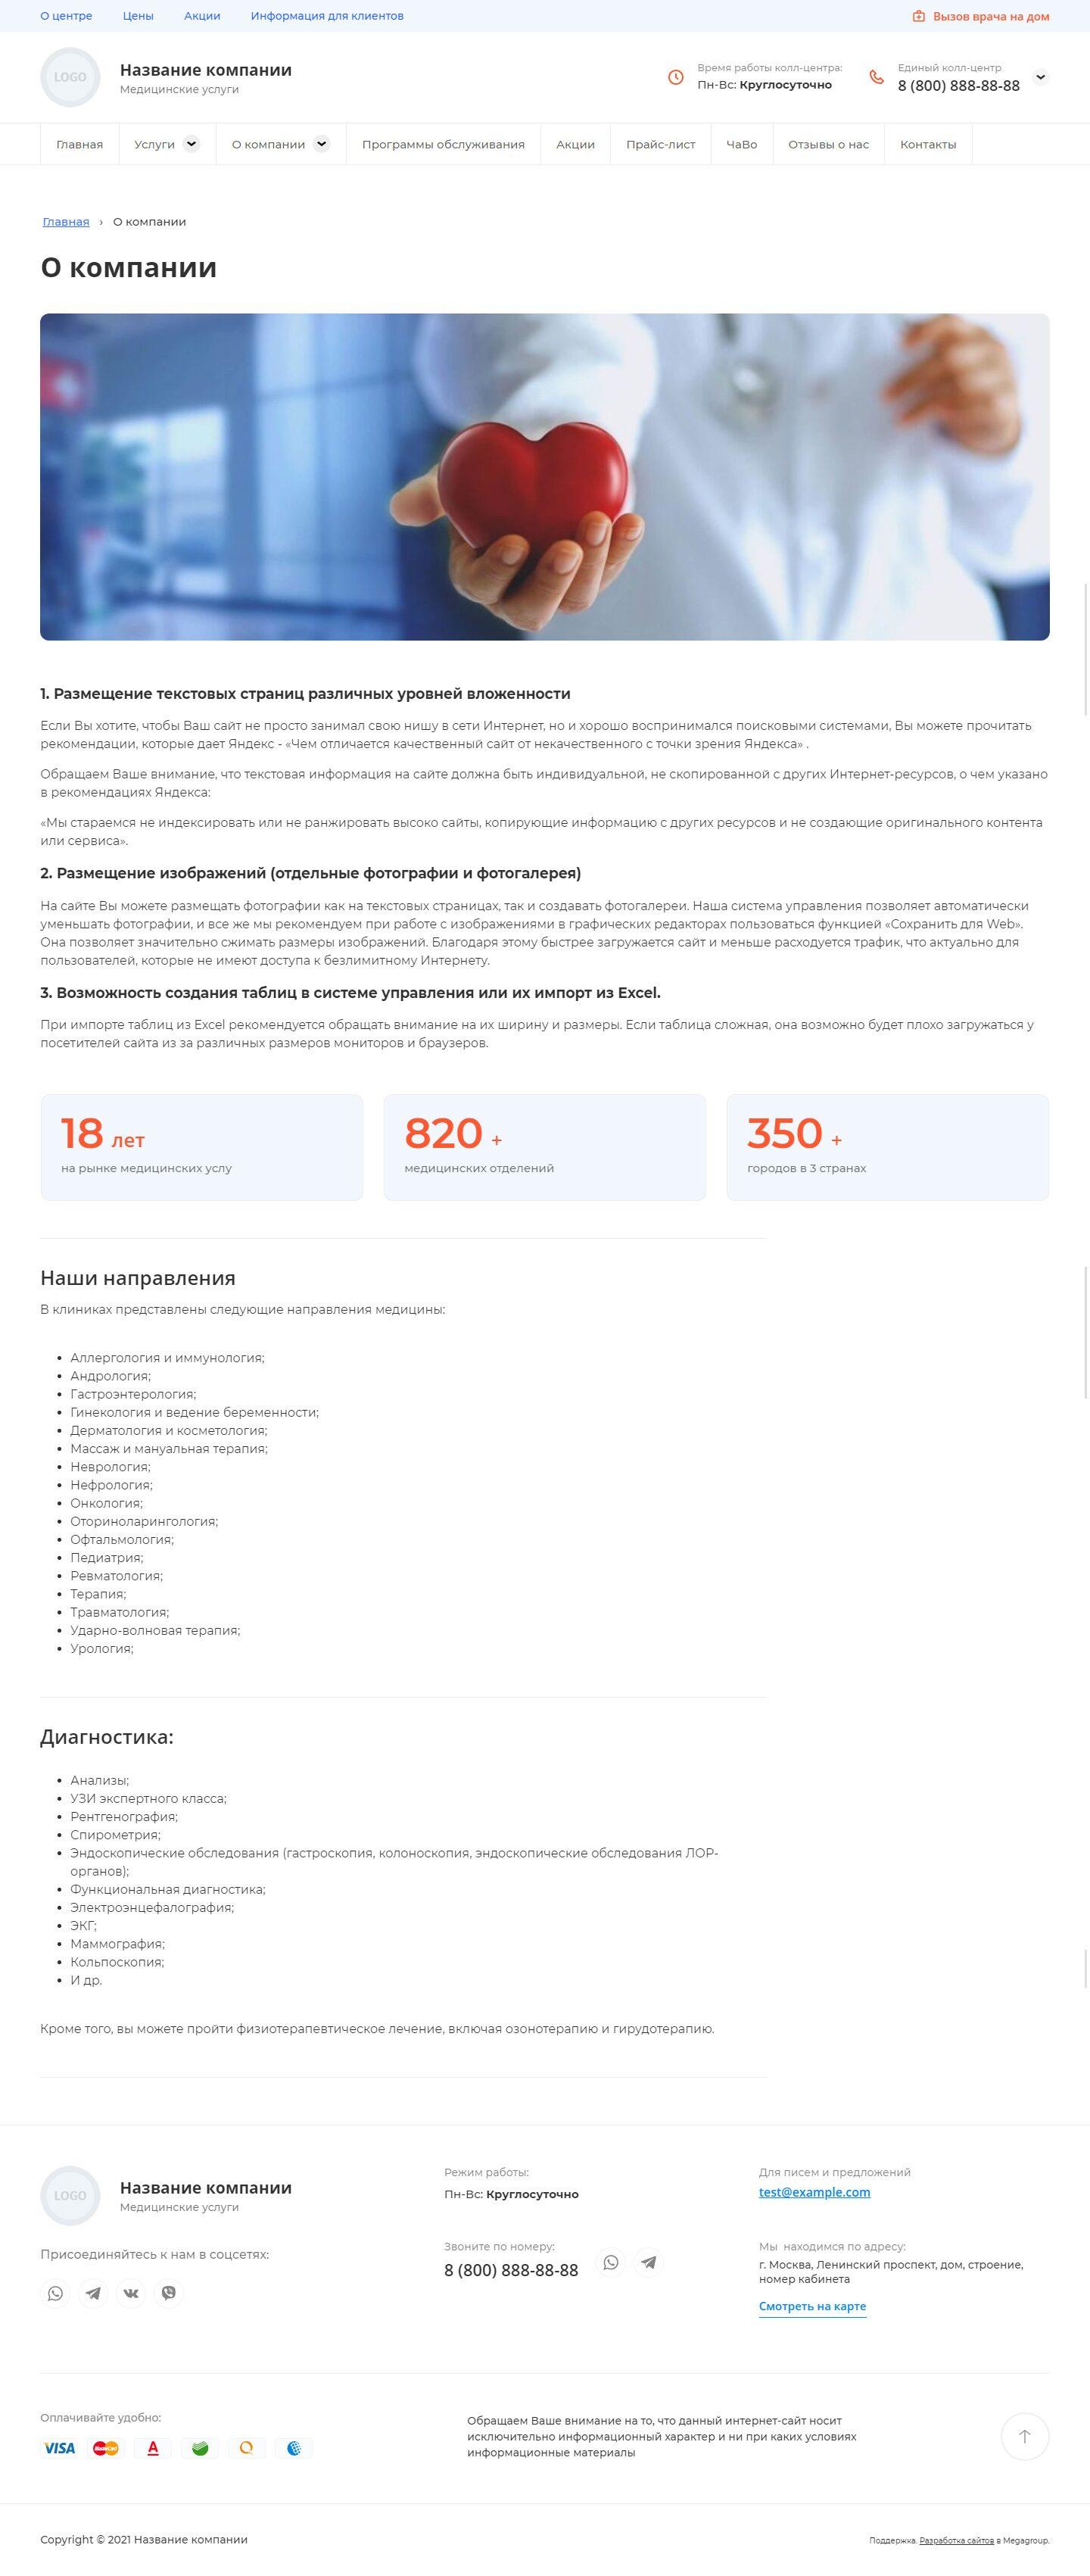 Готовый Сайт-Бизнес #3031299 - Многопрофильный медицинский центр (О центре)